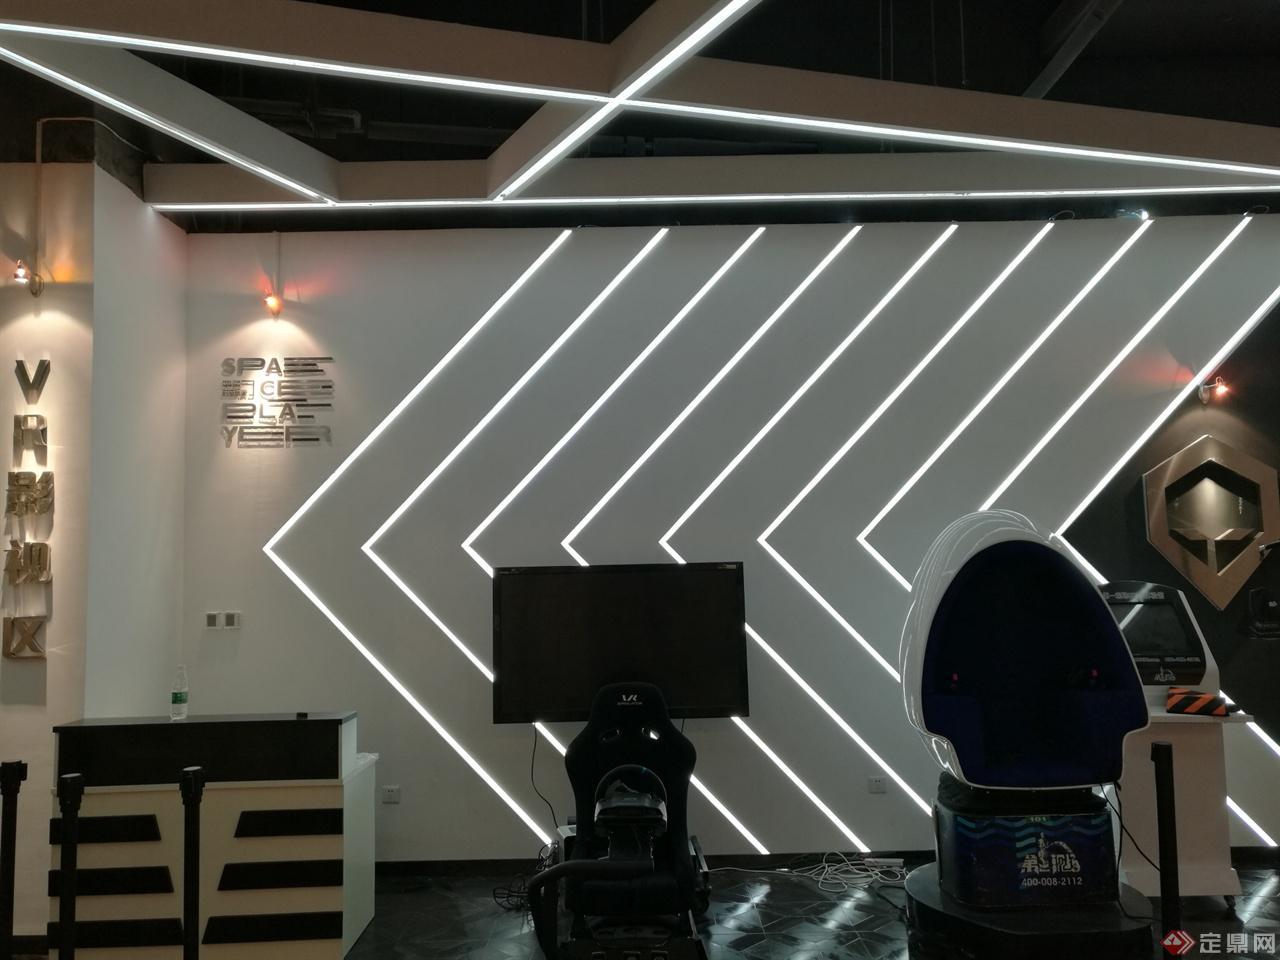 vr体验馆-ace设计事务所图片